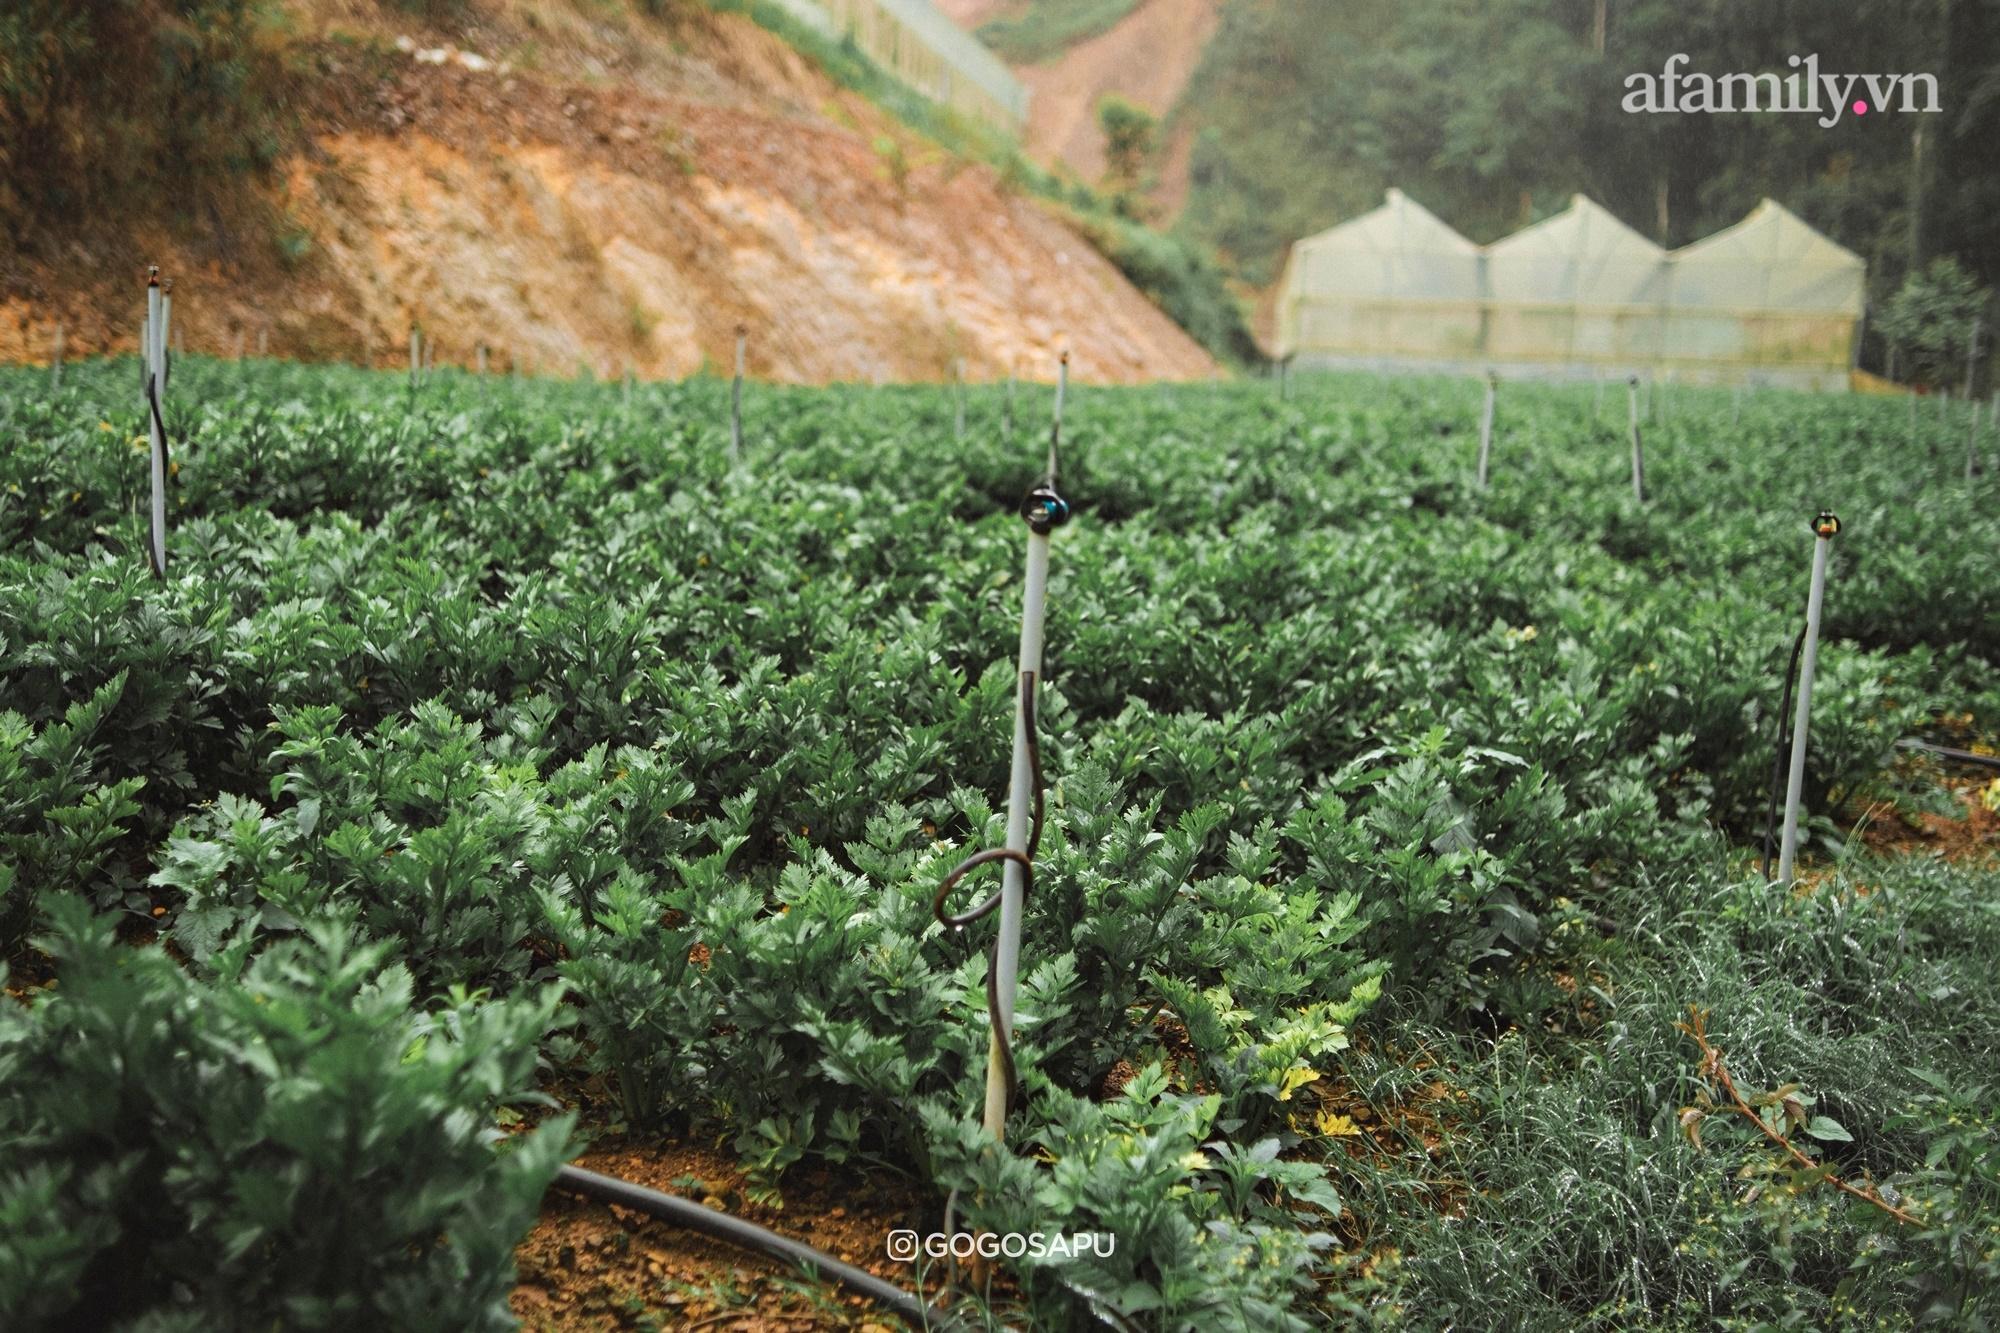 """Thung lũng """"bí ẩn"""" lạ lẫm ở Đà Lạt: Có hoa vàng cỏ xanh, suối mát lành đẹp như tranh vẽ, nhưng không phải cứ muốn đến là được, cũng chẳng có 3G để xài! - Ảnh 11."""